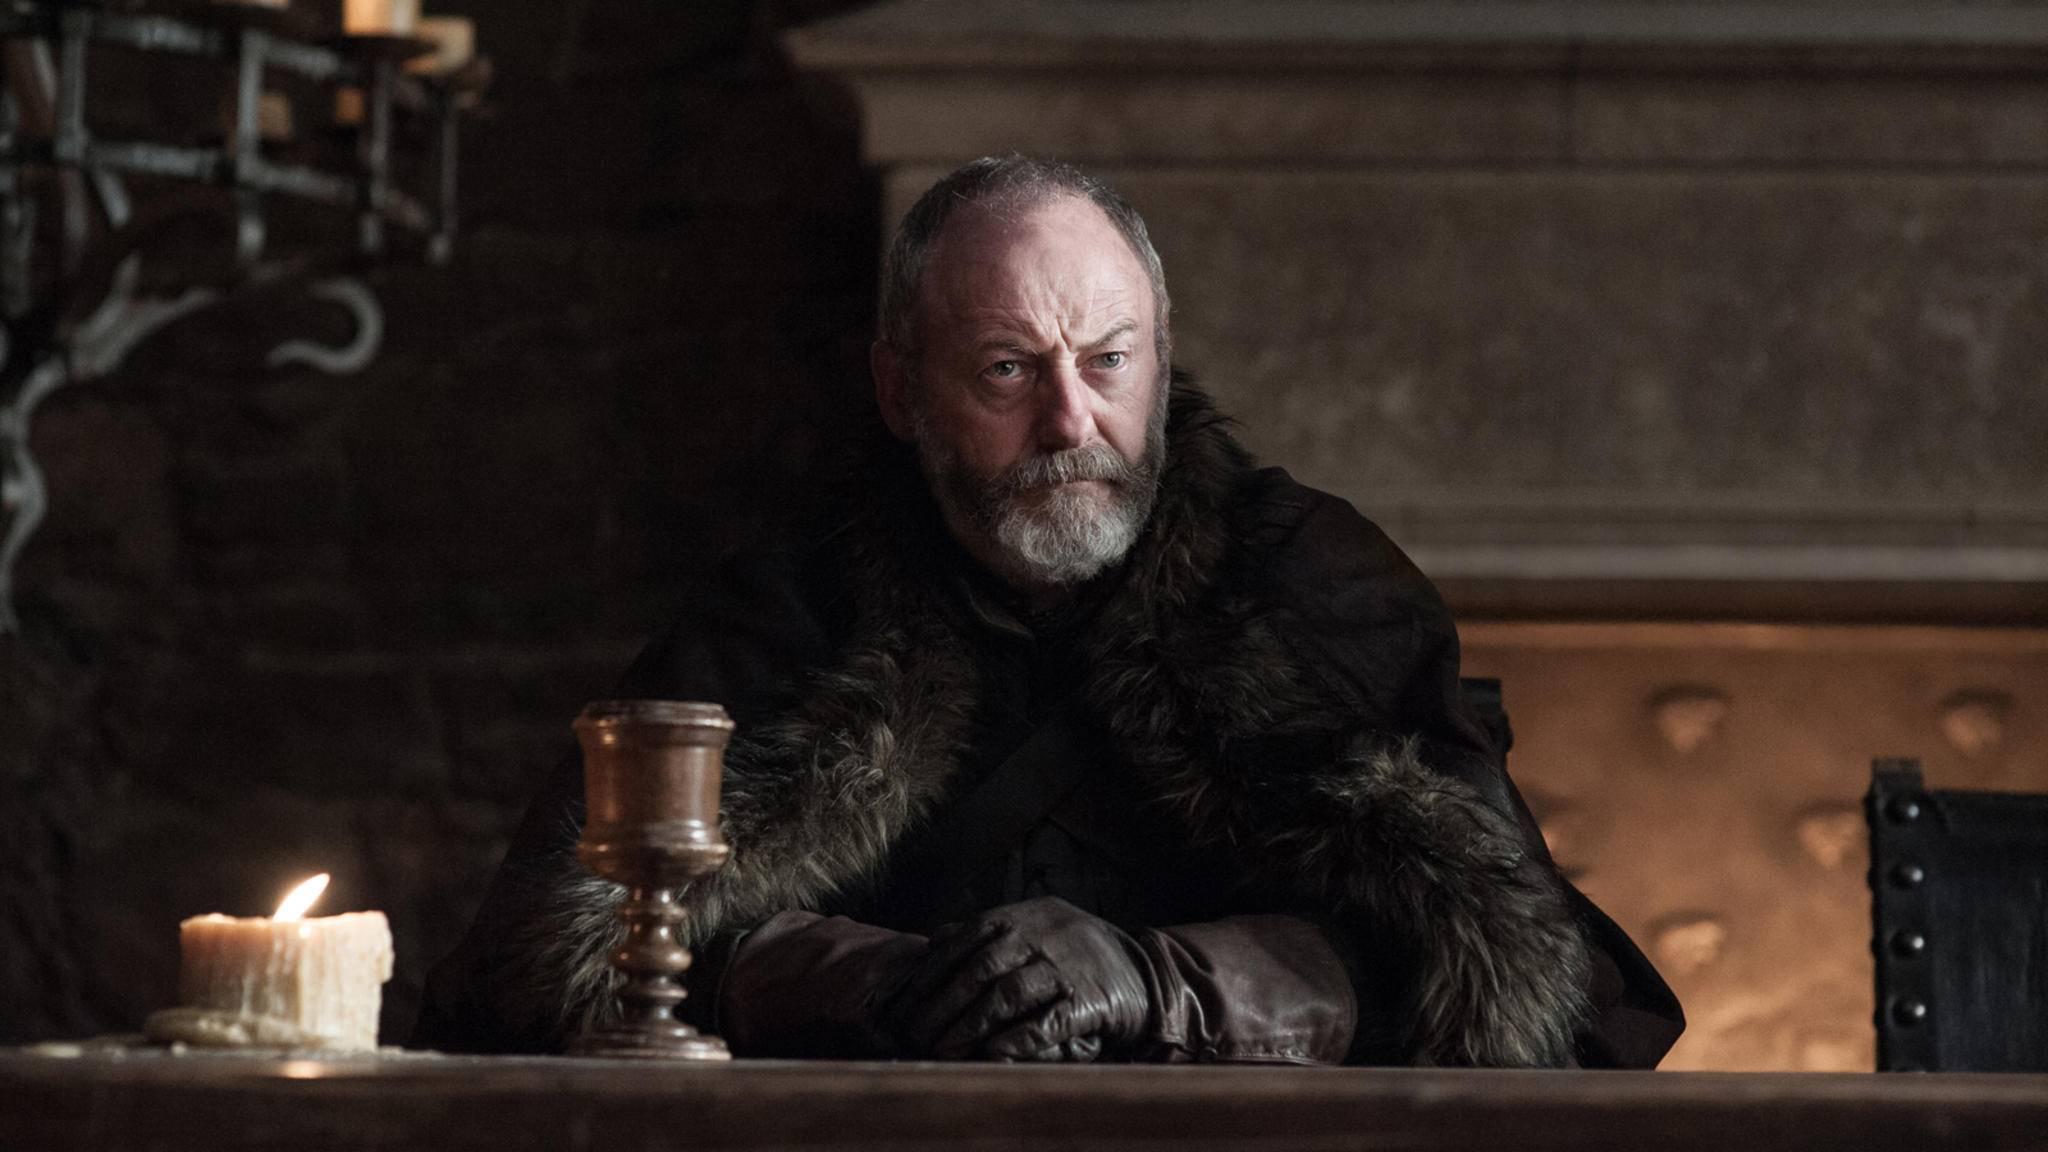 """Auf ein Bier mit Davos Seewert? Vielleicht schaut der bärtige Ritter ja auch mal in der neuen """"Game of Thrones""""-Bar in Washington vorbei..."""